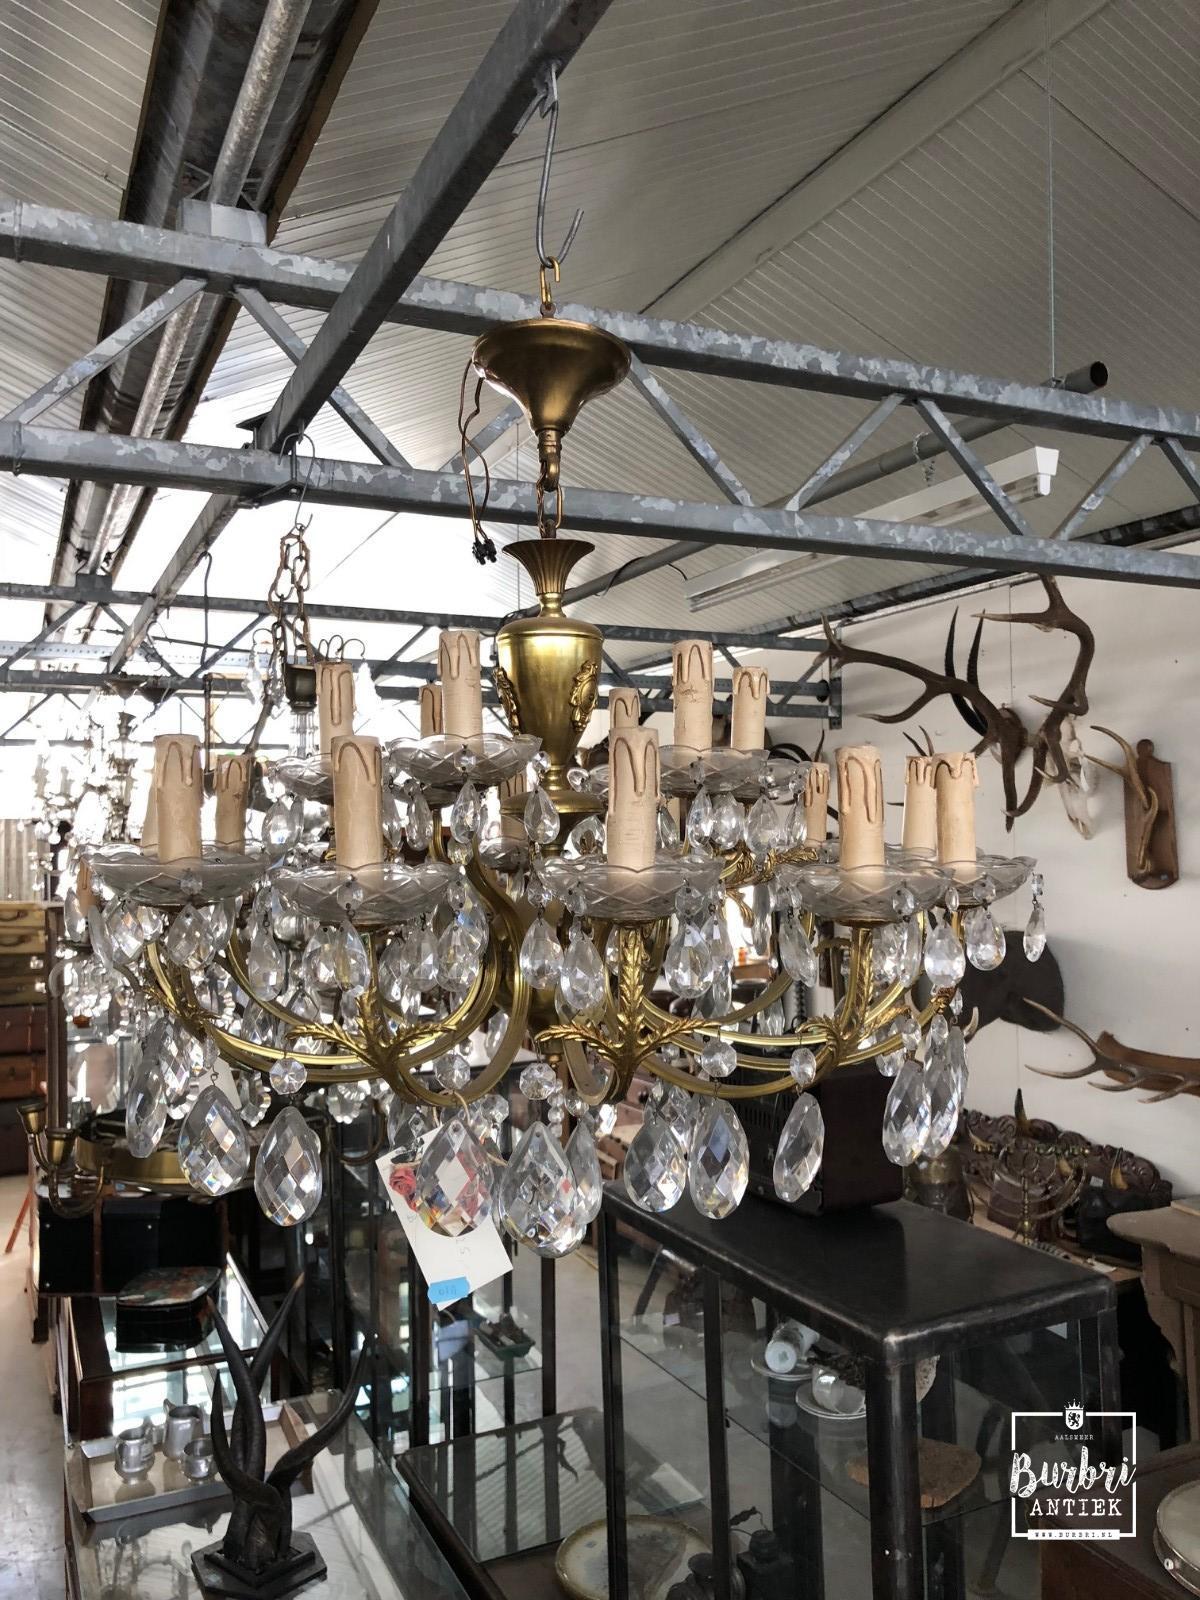 Lampen antiek stijl in kristal antieke verlichting burbri for Kristallen kroonluchter schoonmaken